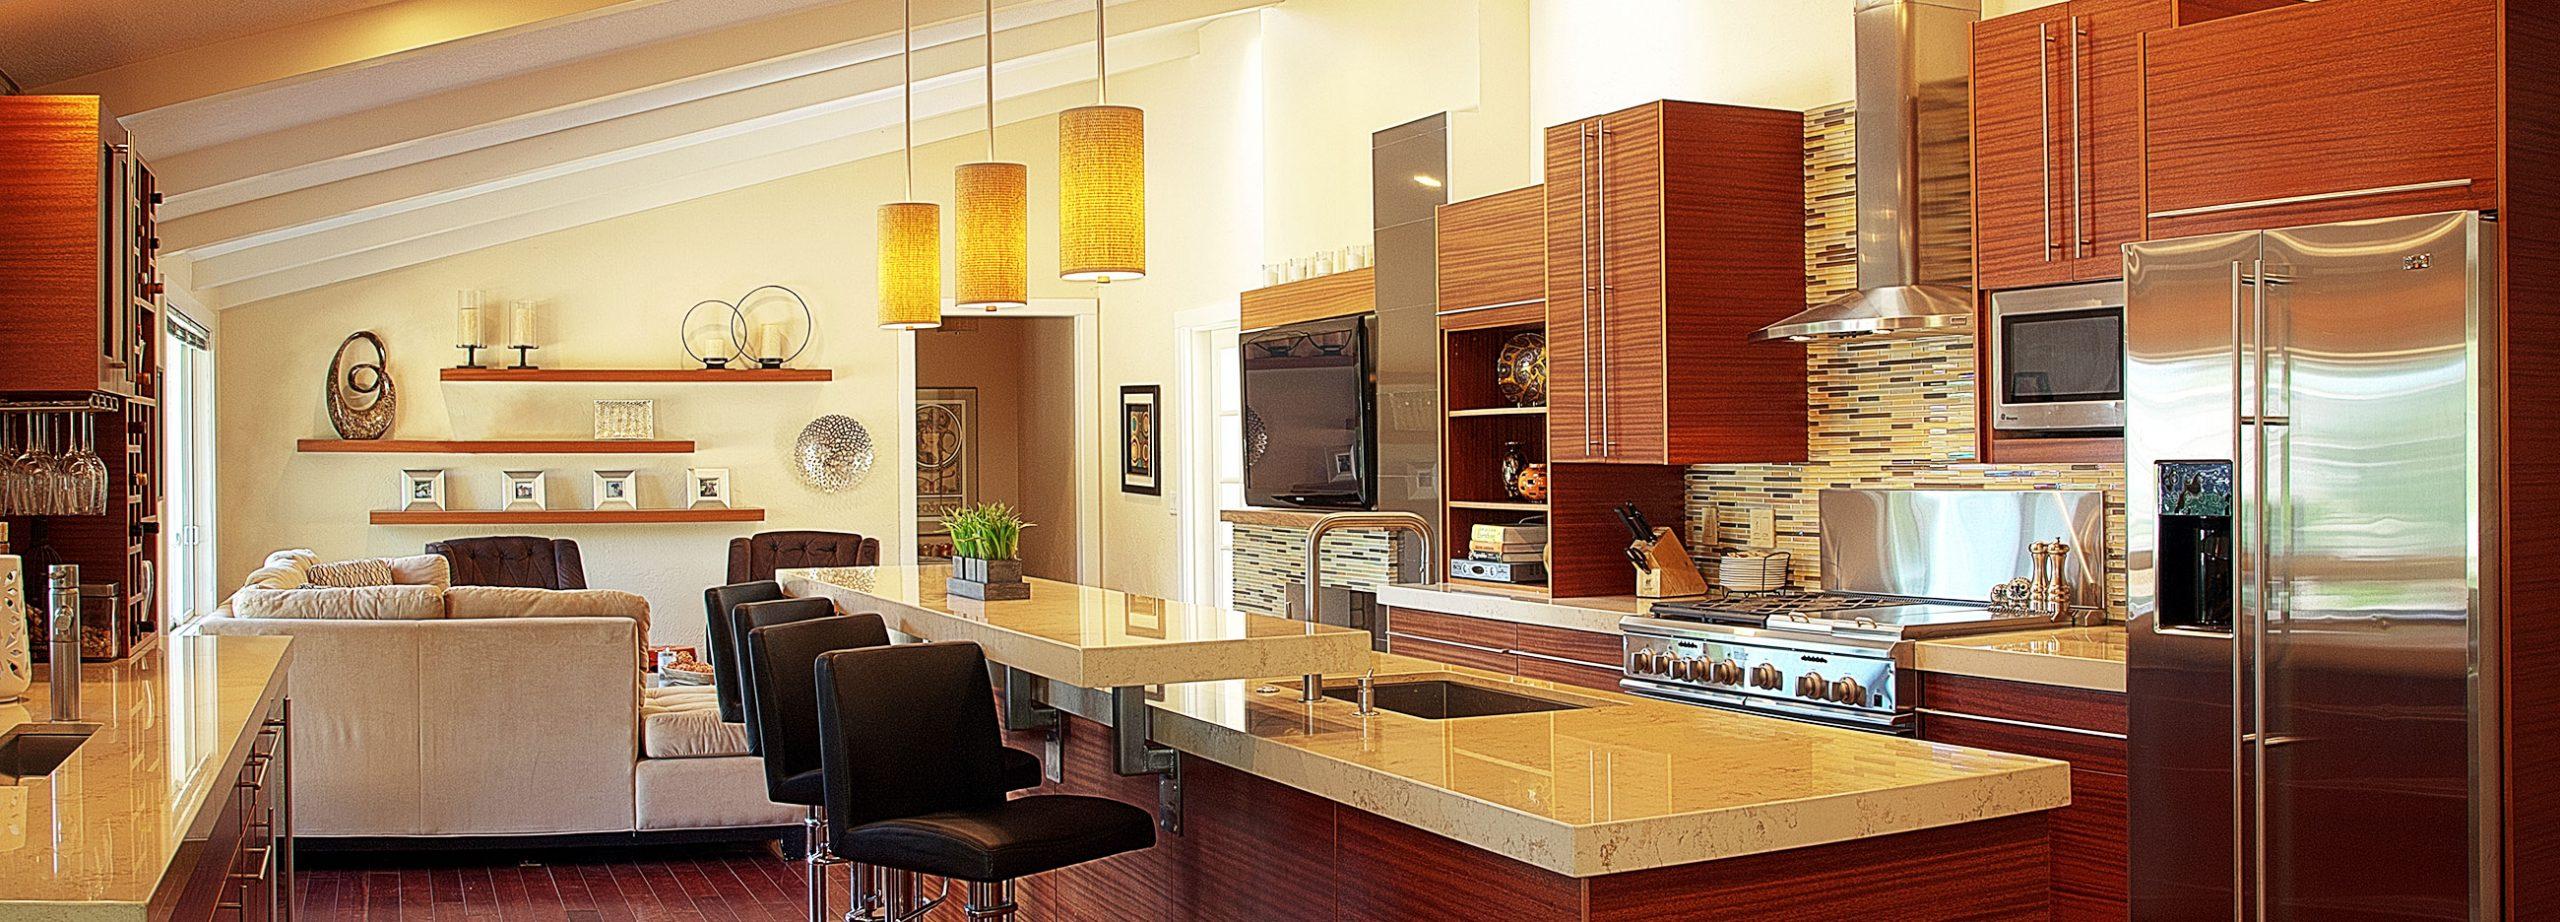 eugene_kitchen_remodel